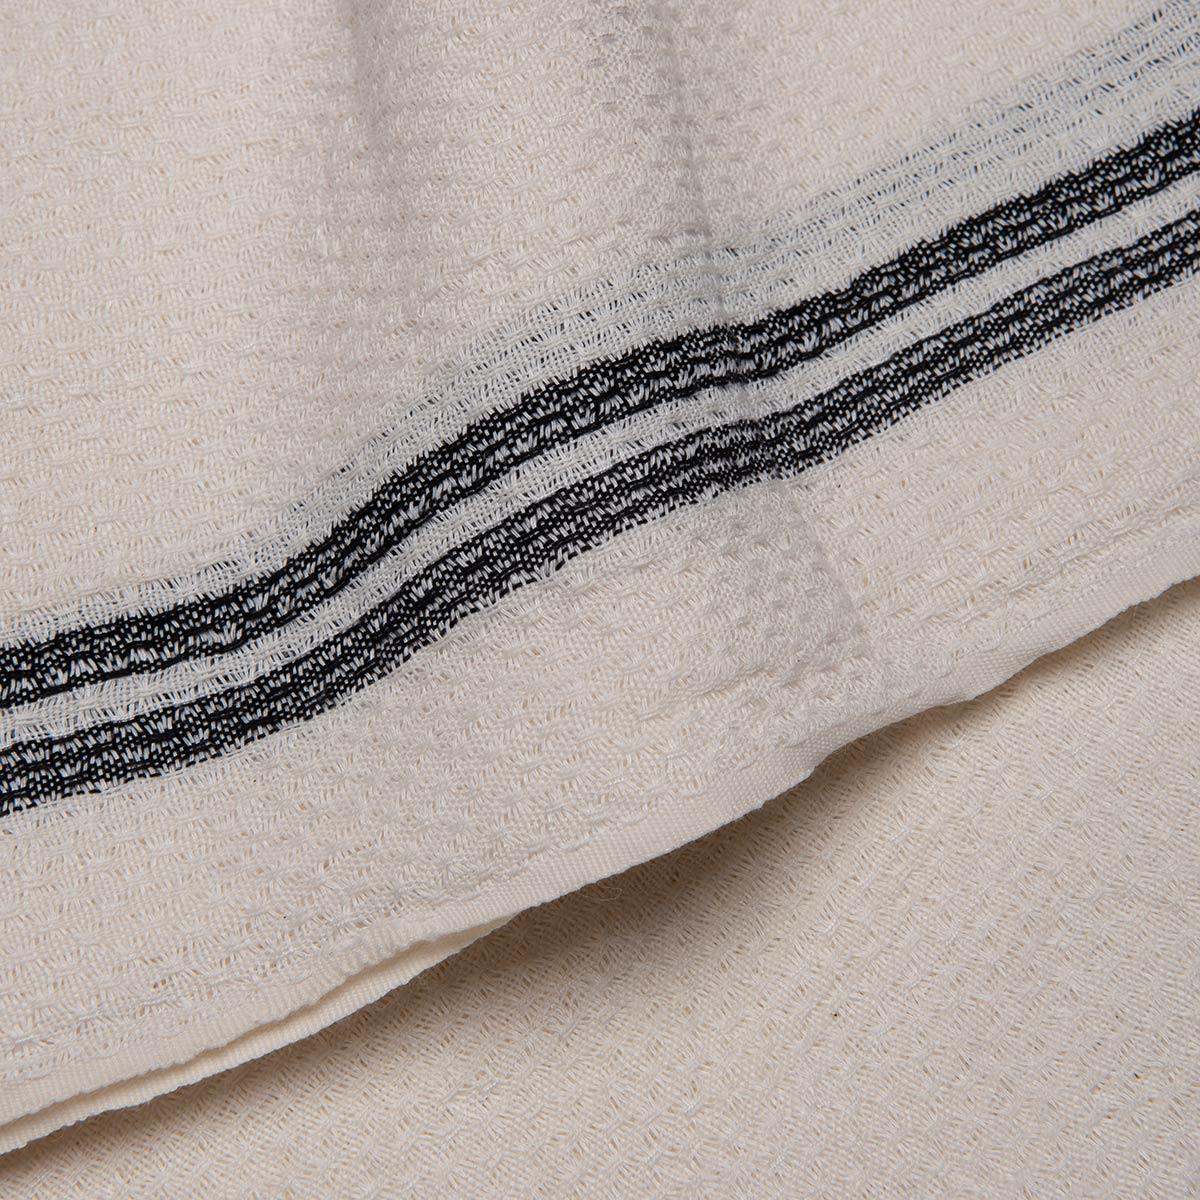 Peshtemal Petek / Ecru - Black Stripes